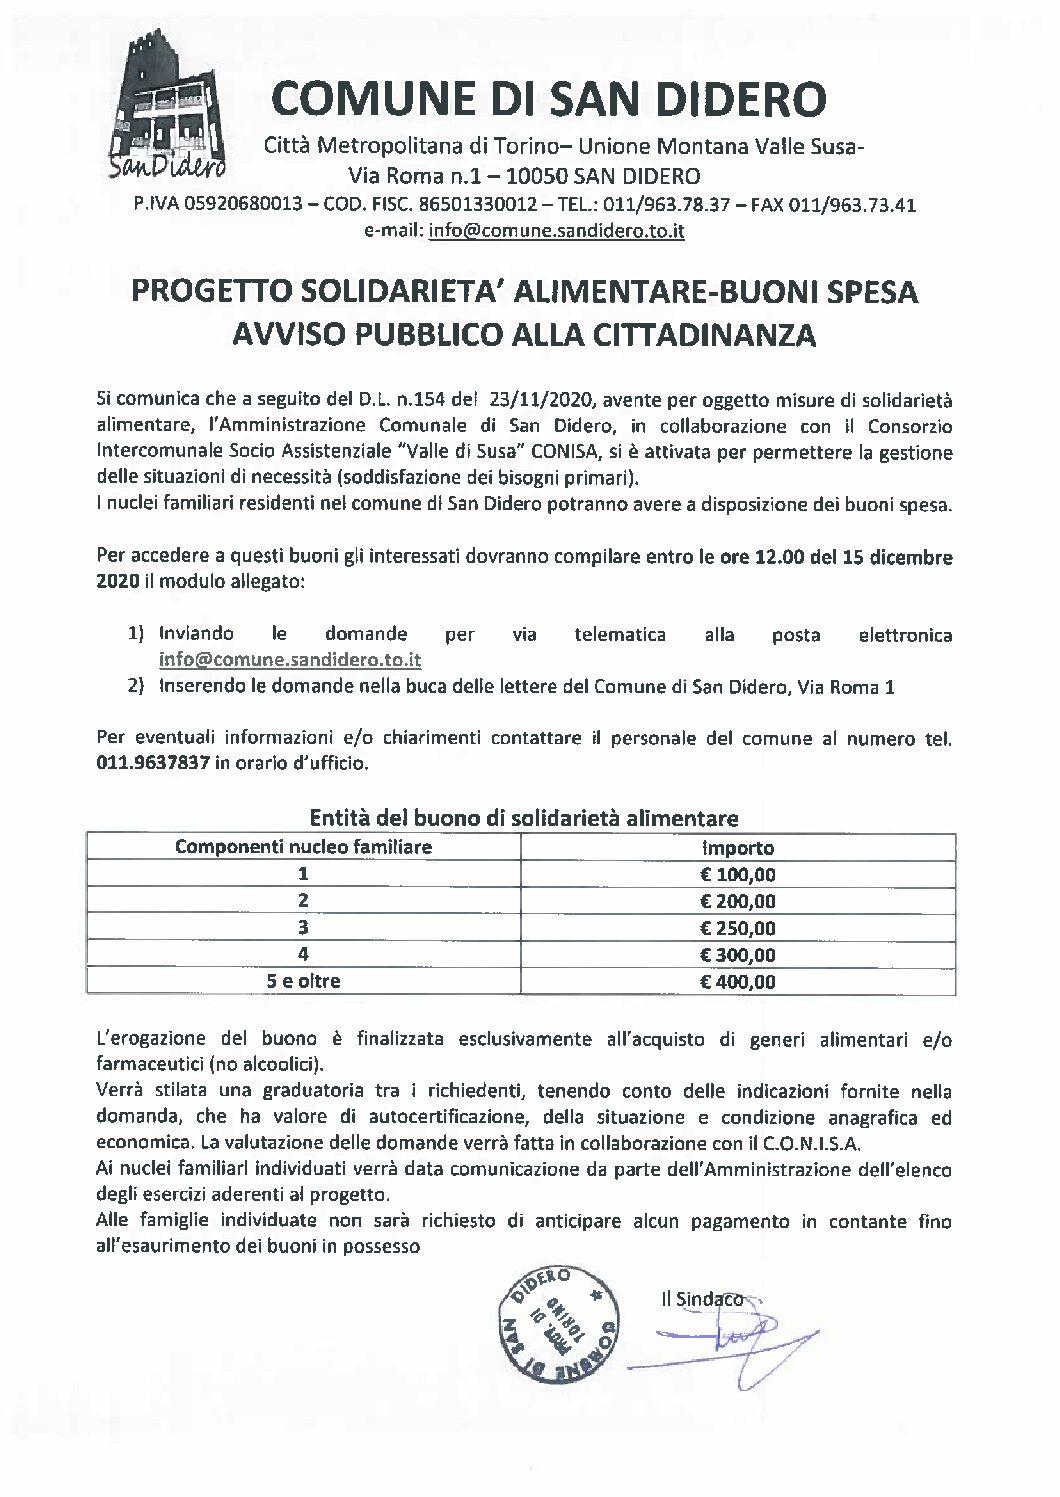 PROGETTO SOLIDARIETA' ALIMENTARE – BUONI SPESA – AVVISO PUBBLICO ALLA CITTADINANZA